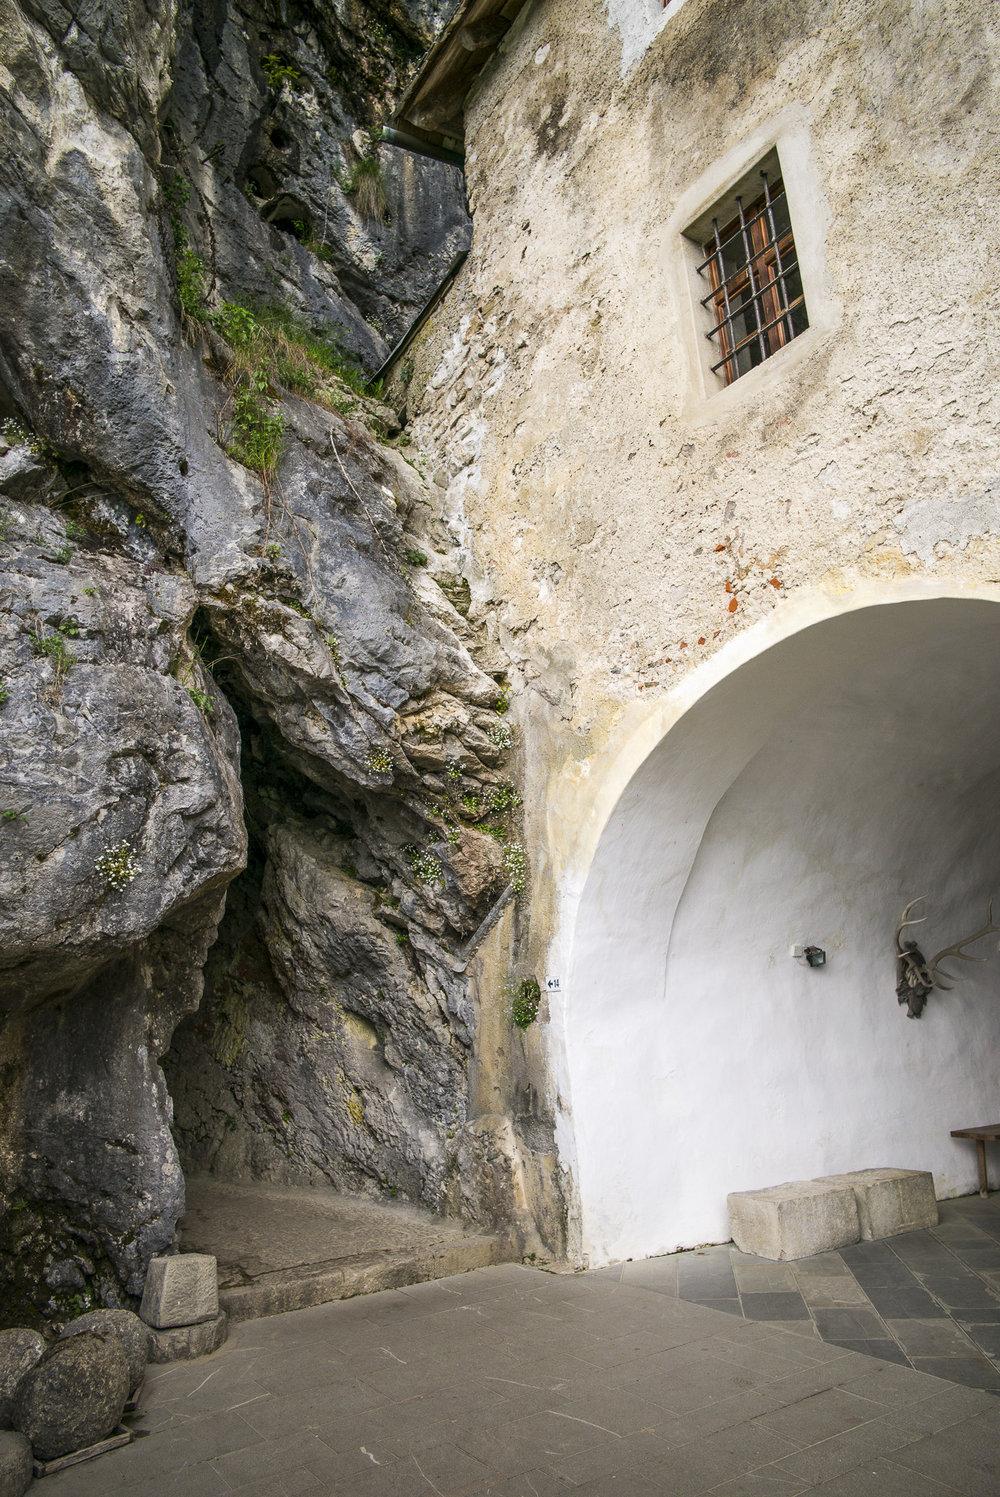 Predjama cave and castle